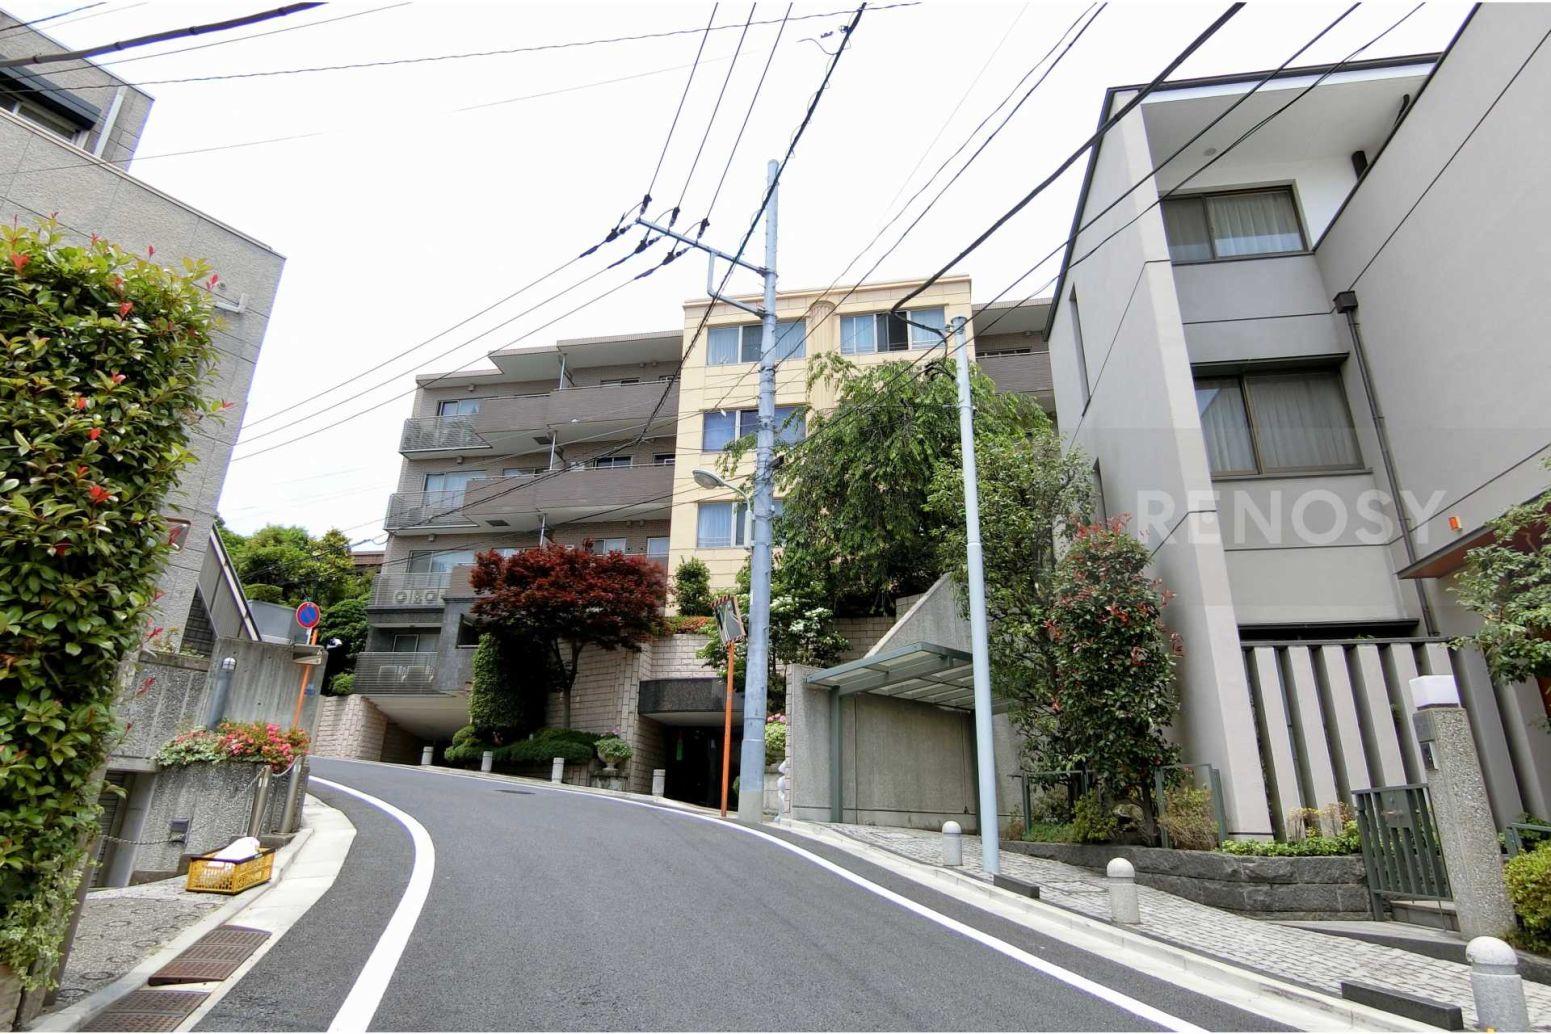 東急ドエルプレステージ池田山クレアモント